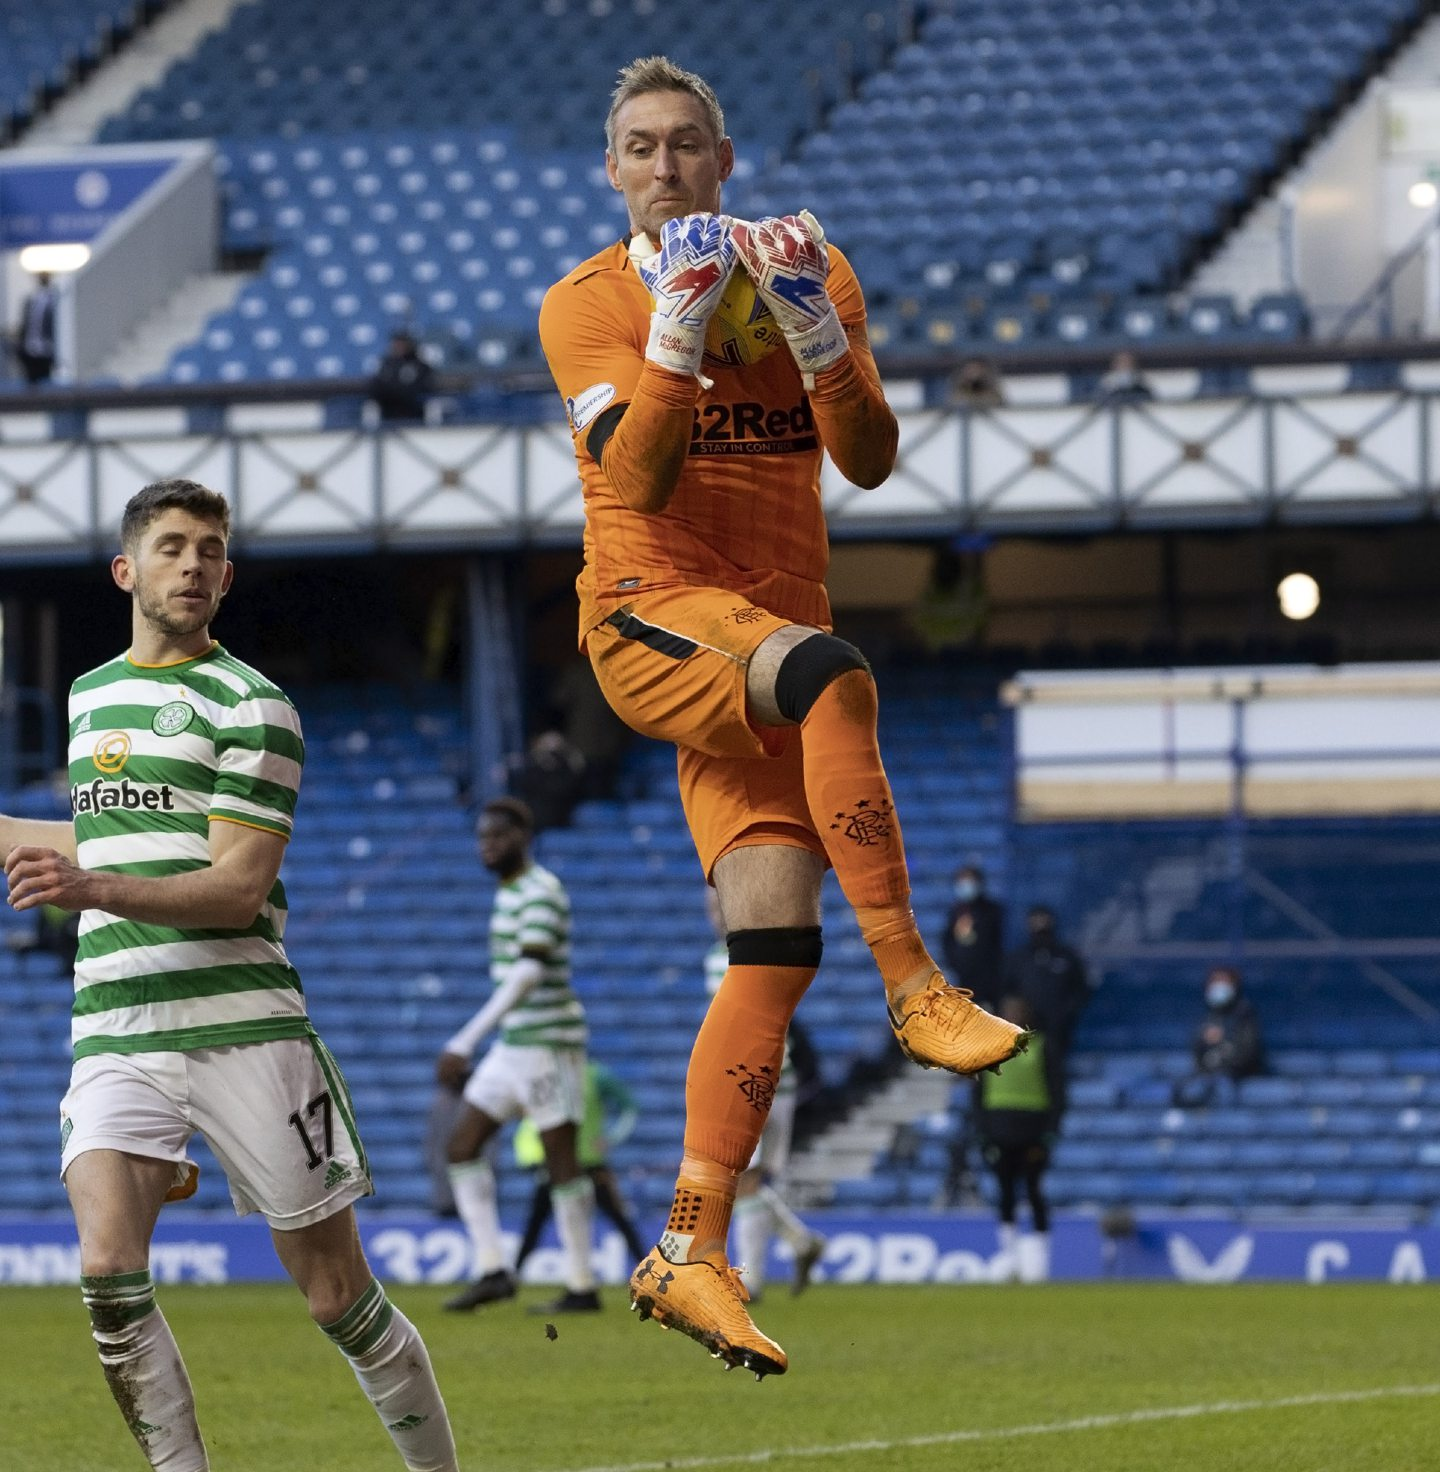 Allan McGregor in action for Rangers